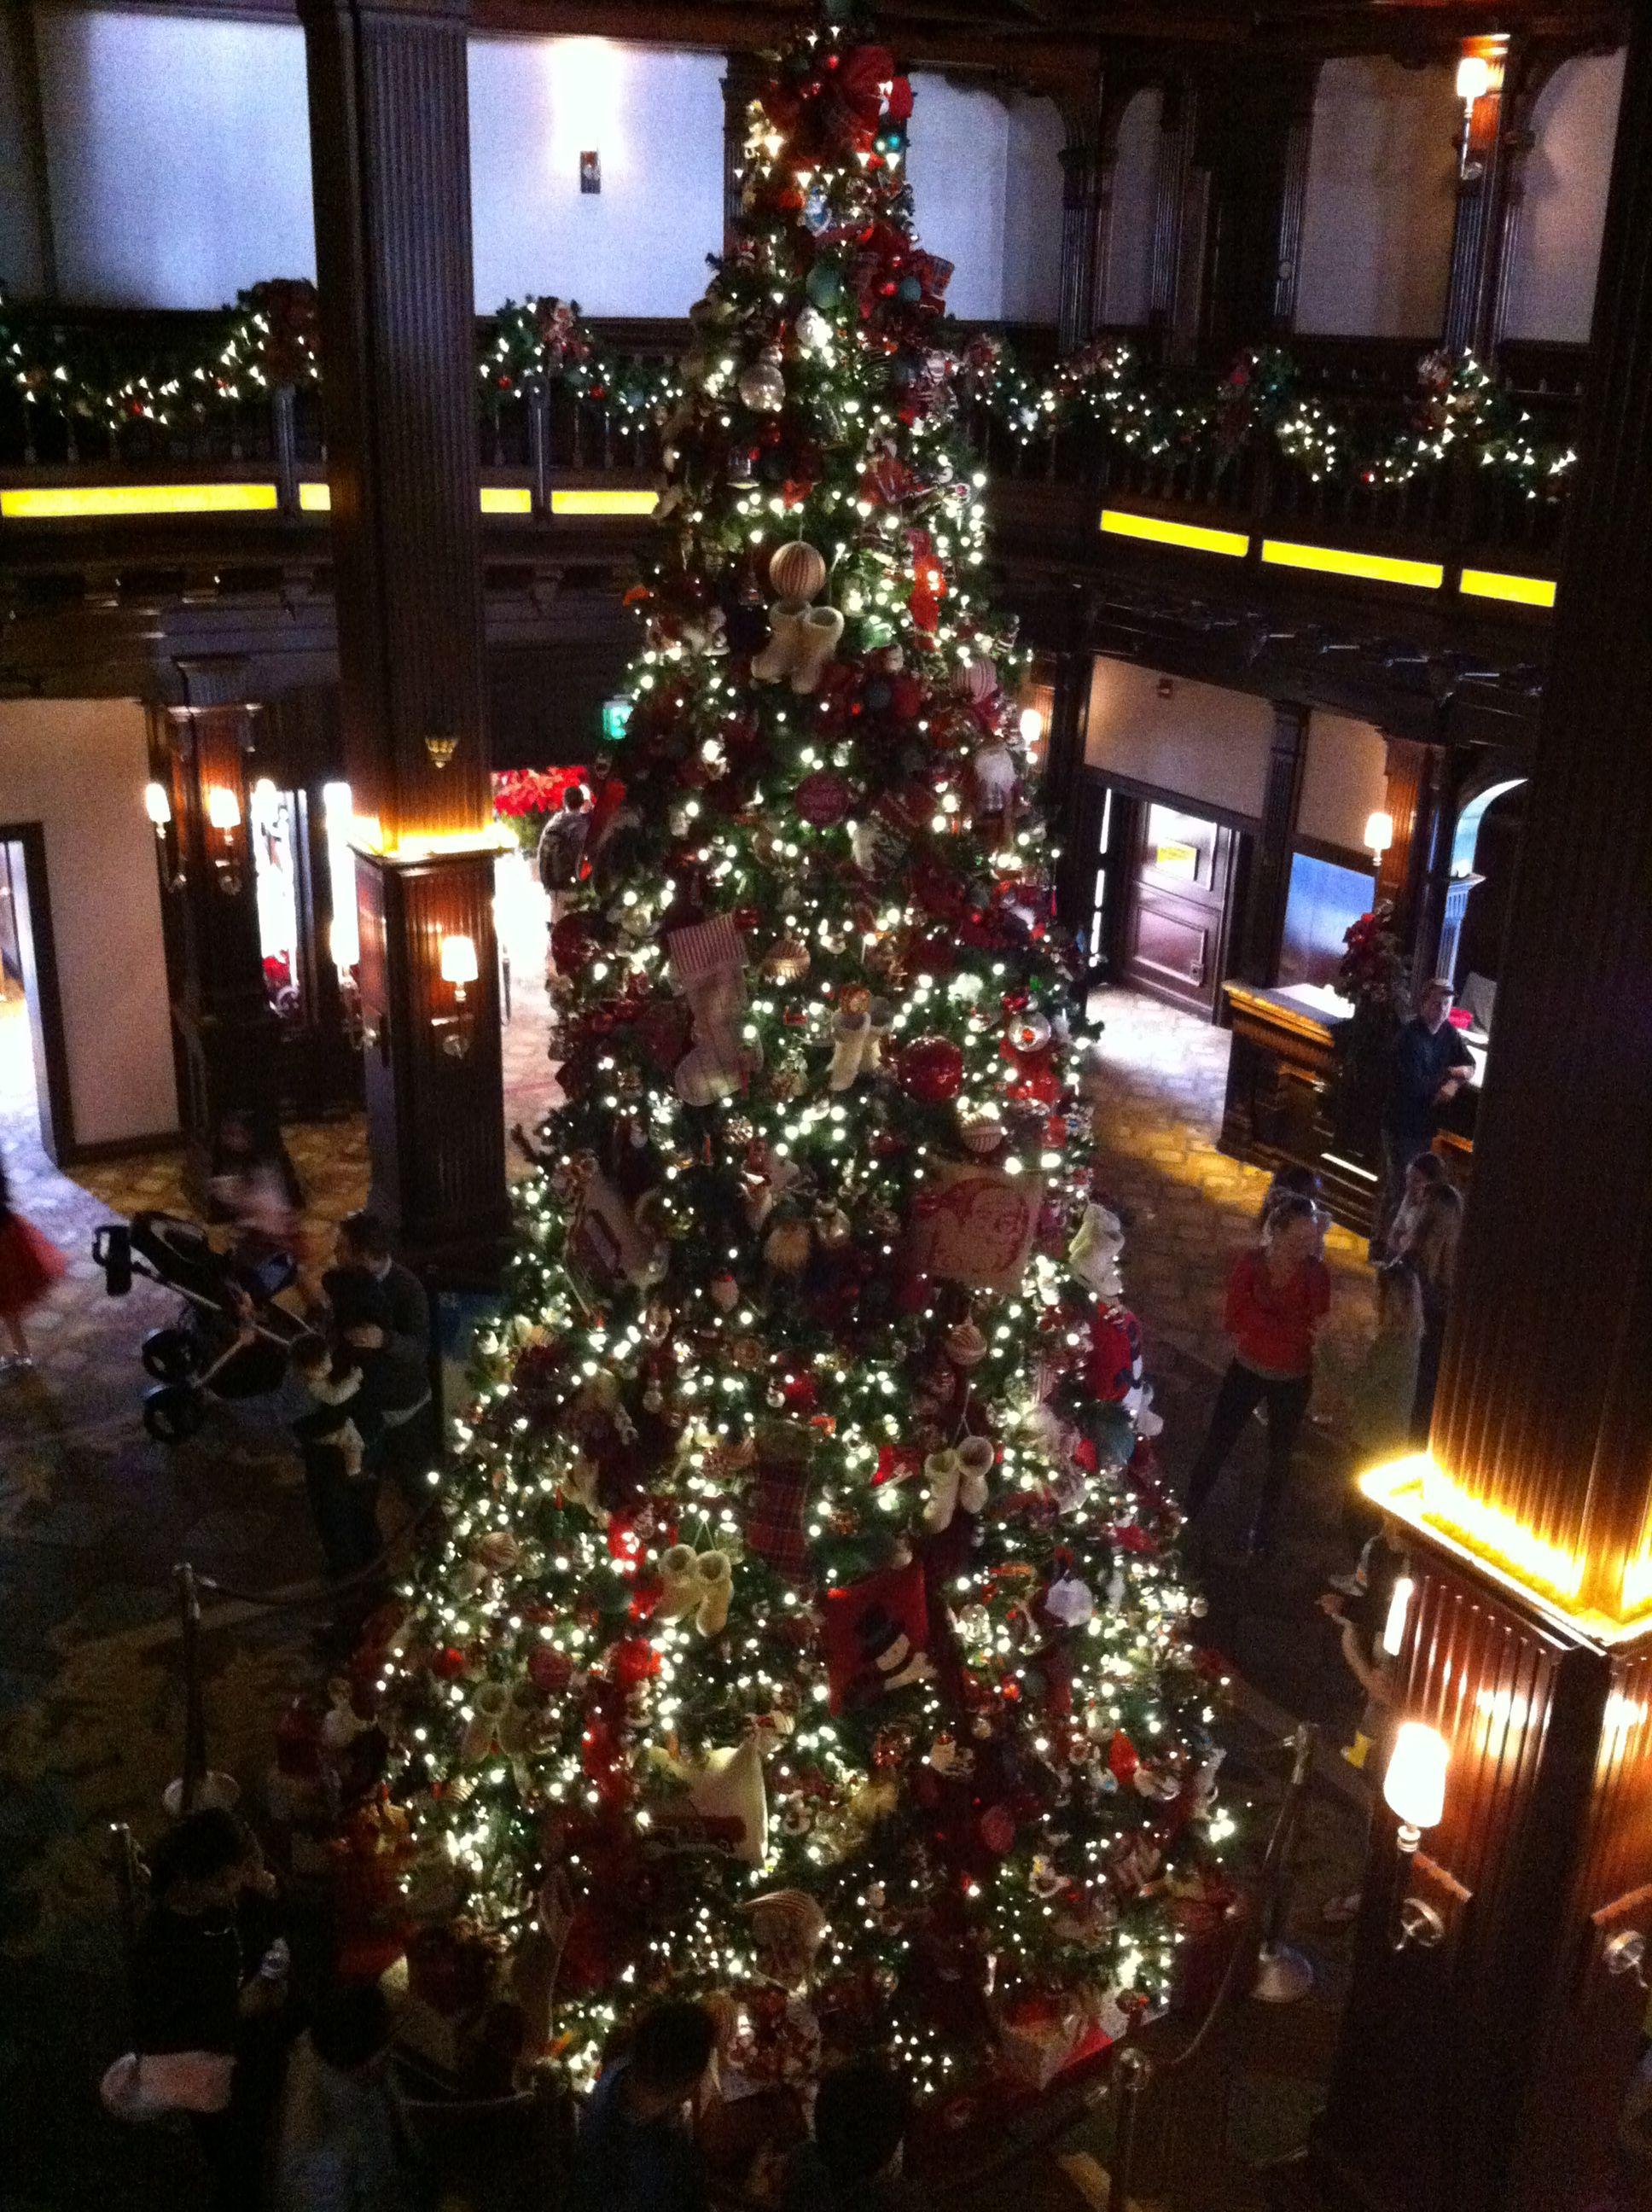 Hotel Del Coronado Christmas Tree 2021 Hotel Del Coronado Christmas Tree Rvbangarang Org